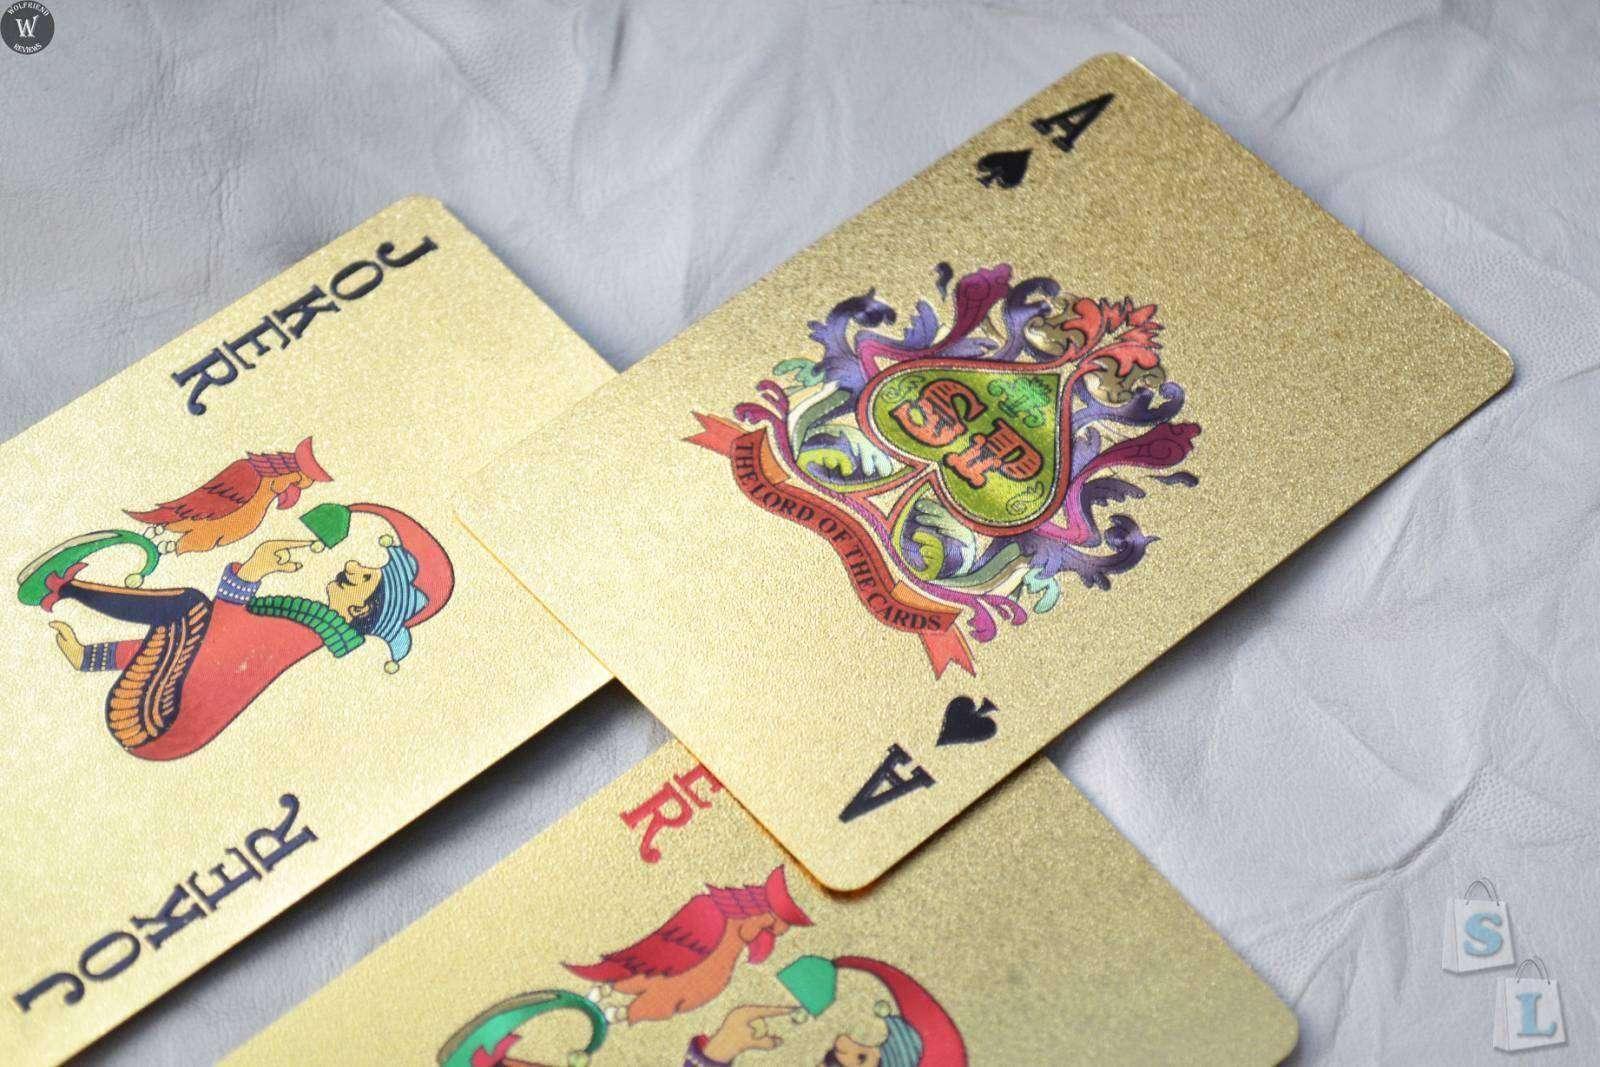 ChinaBuye: Золотая колода игральных карт (полная колода из 54 карт)